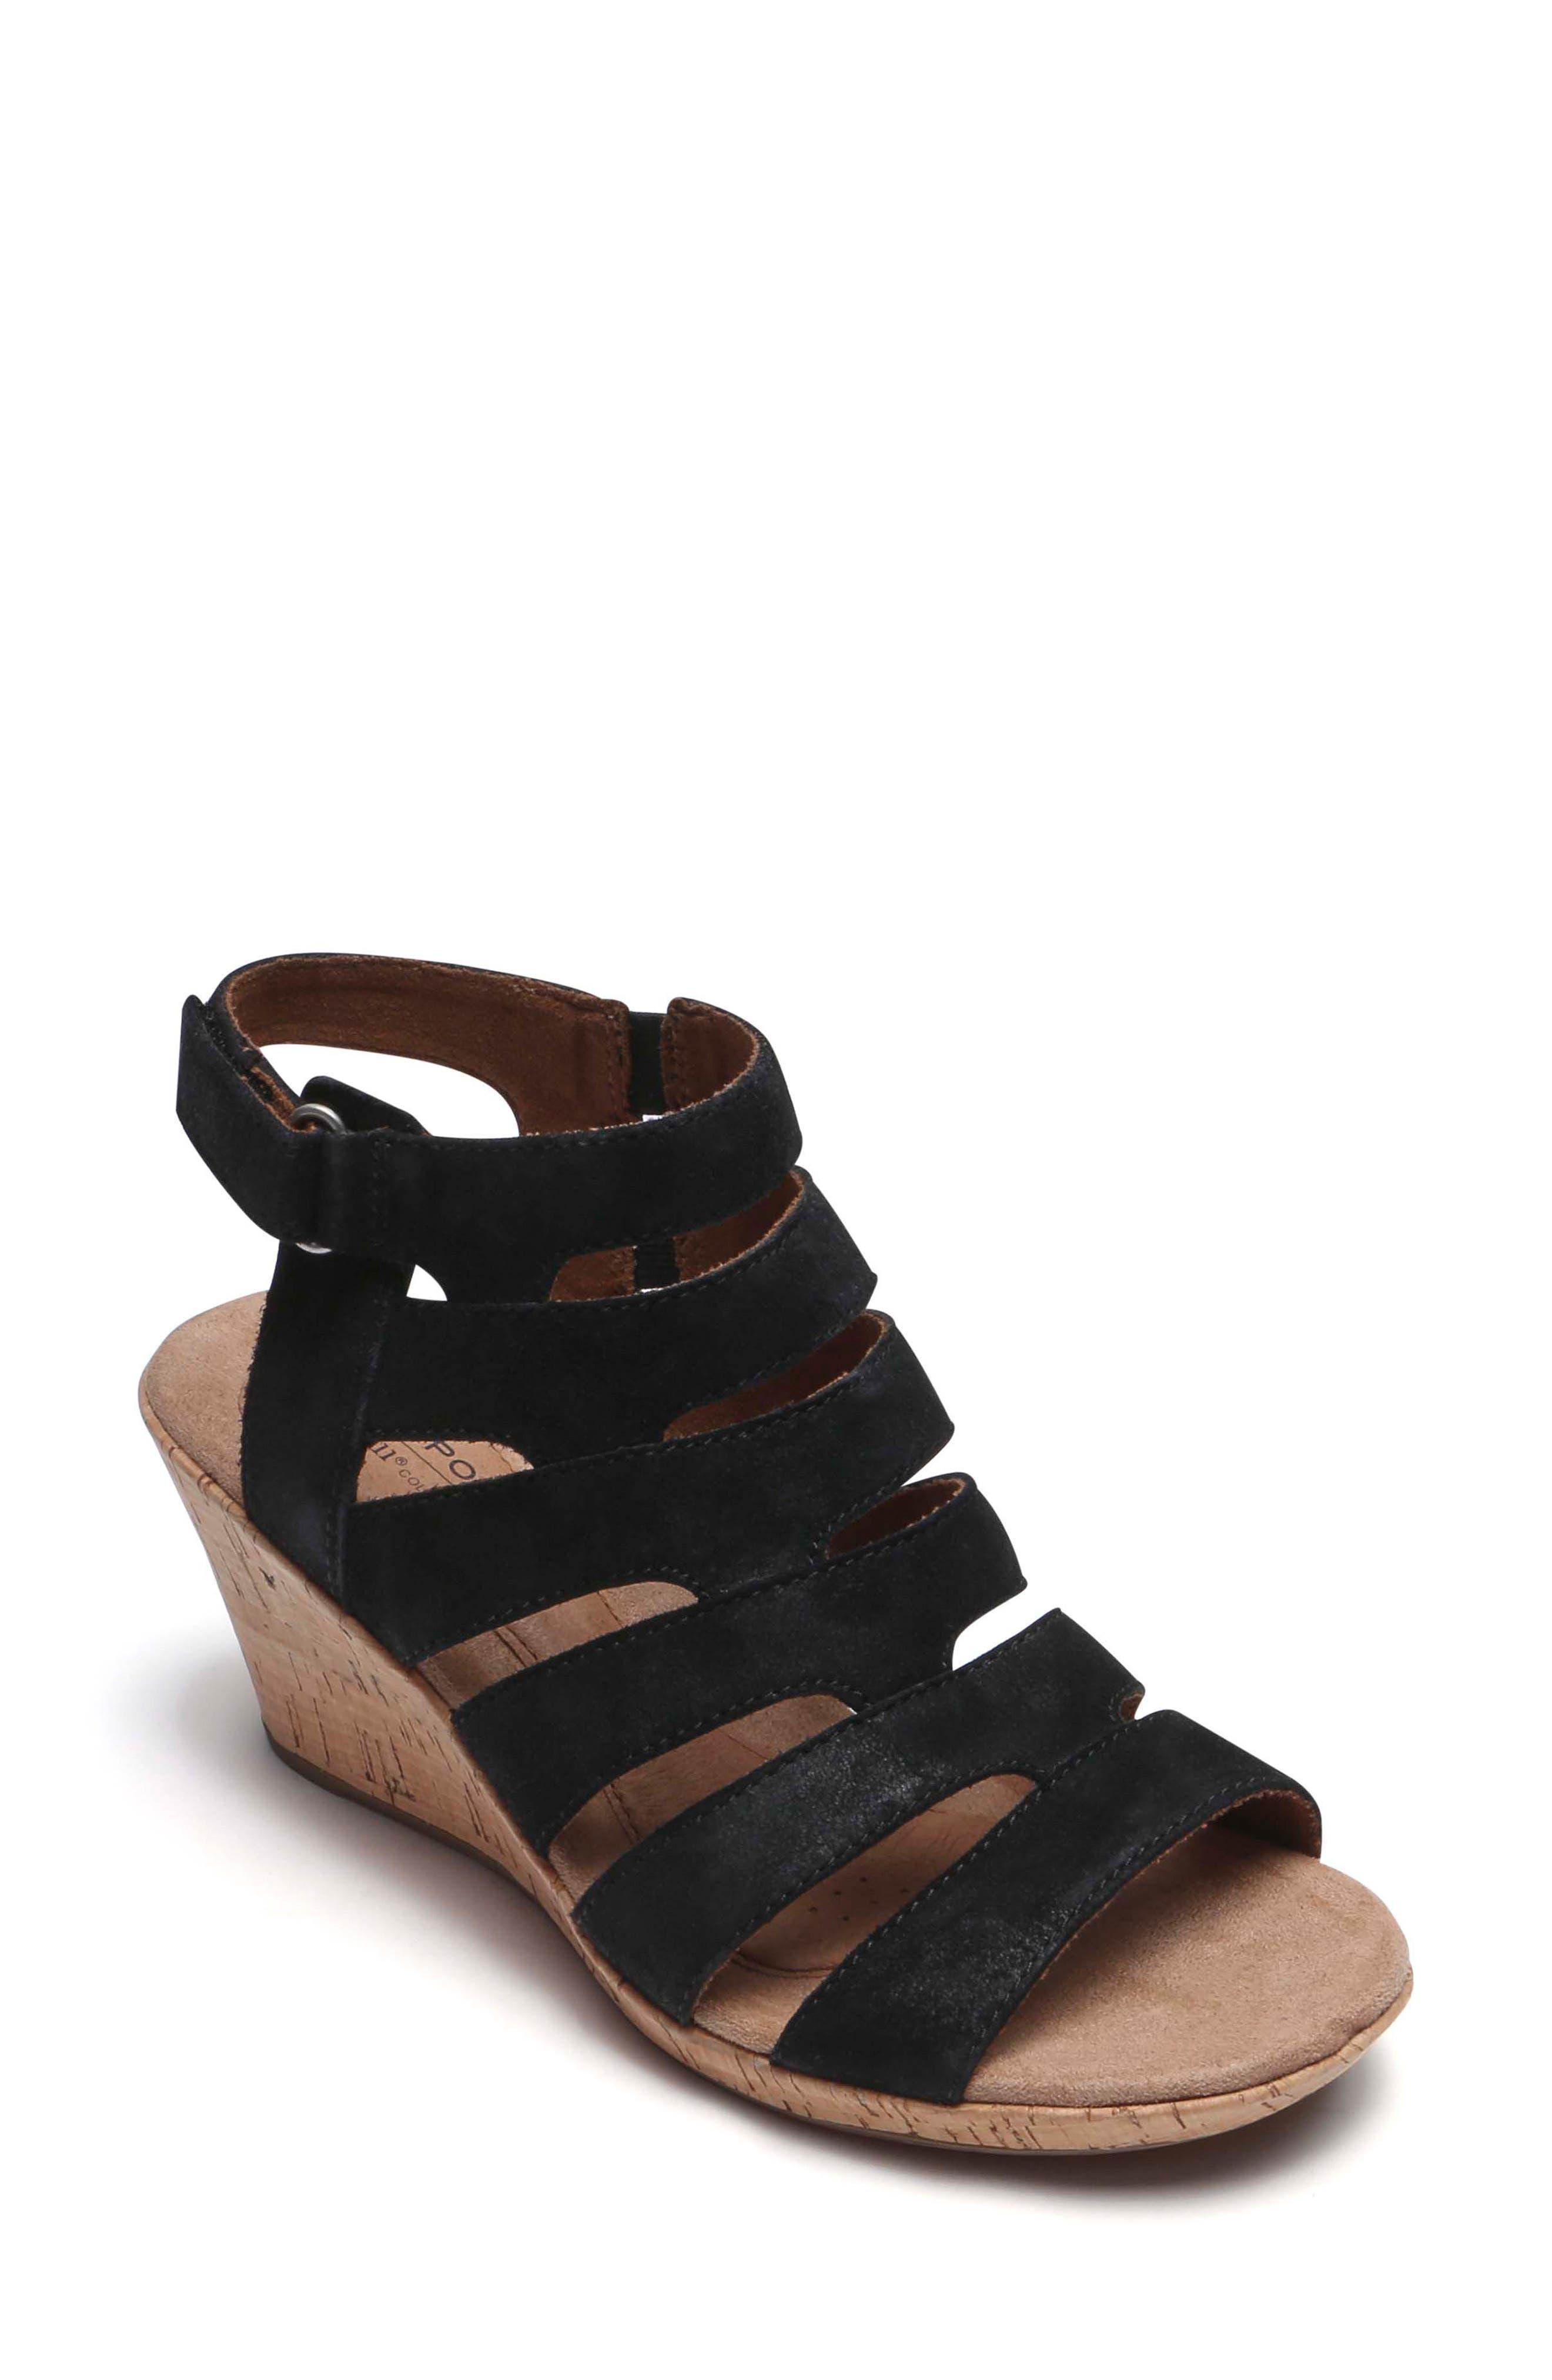 Janna Asymmetrical Sandal,                         Main,                         color, 001